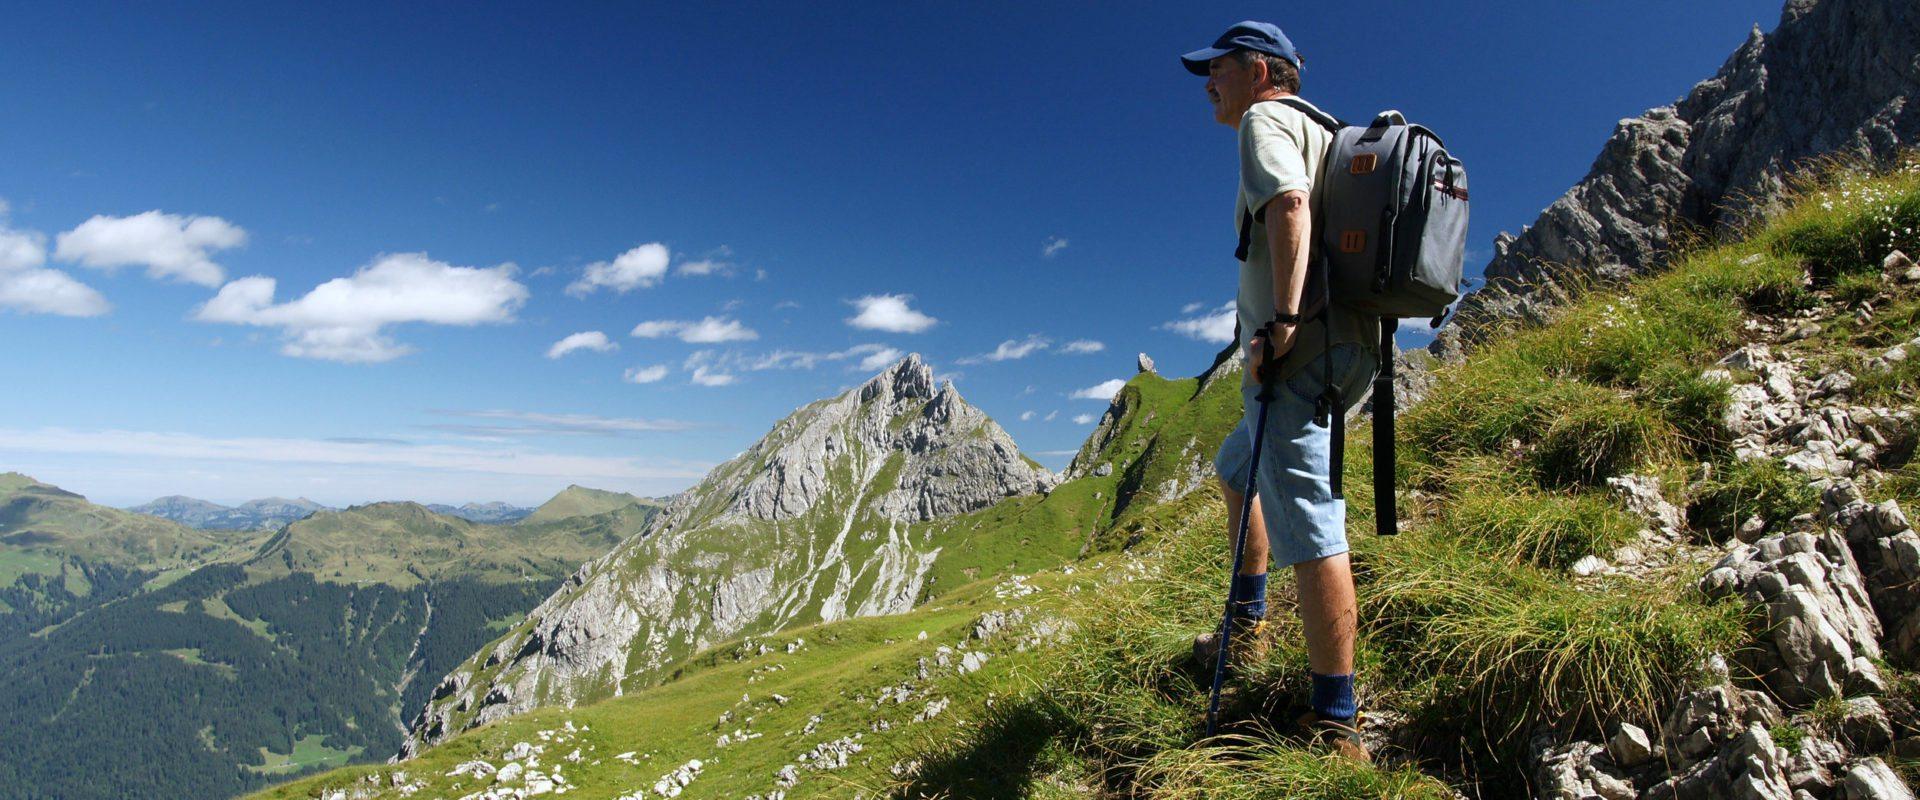 Wanderer auf der Künzelspitze © Ludwig Berchtold / Bregenzerwald Tourismus